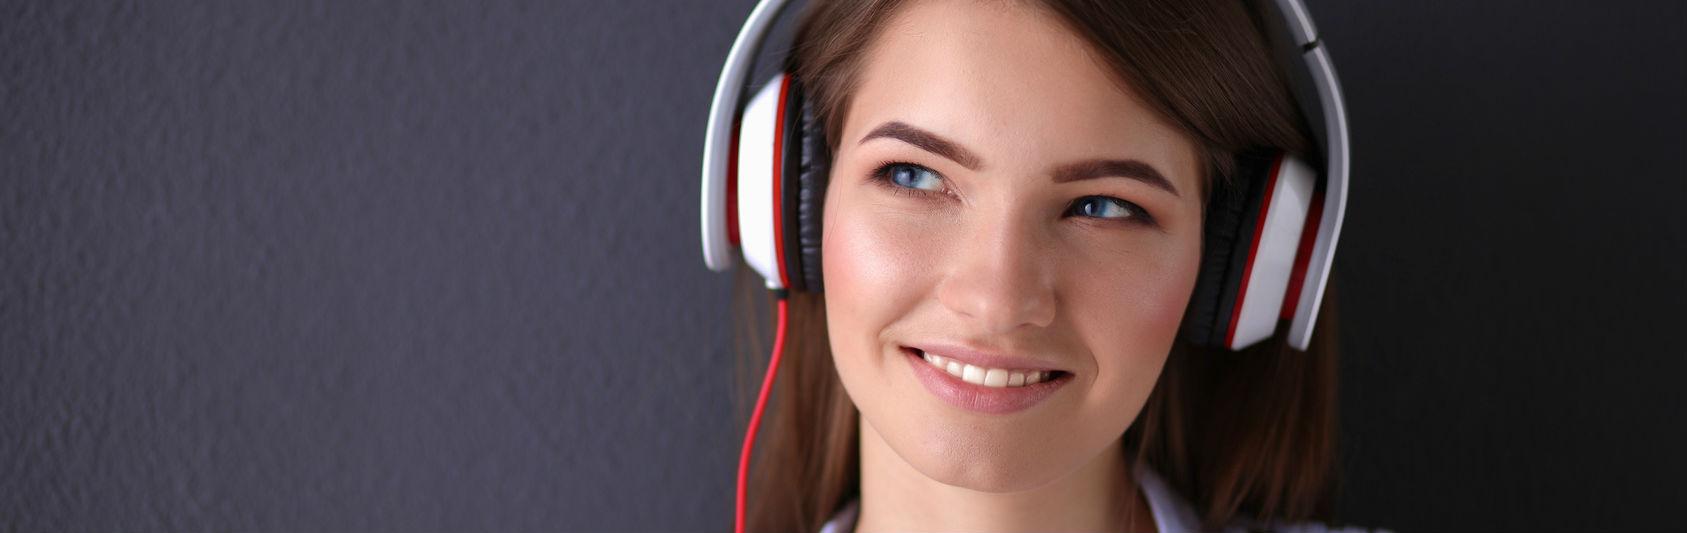 Expertos en audiometría y audífonos